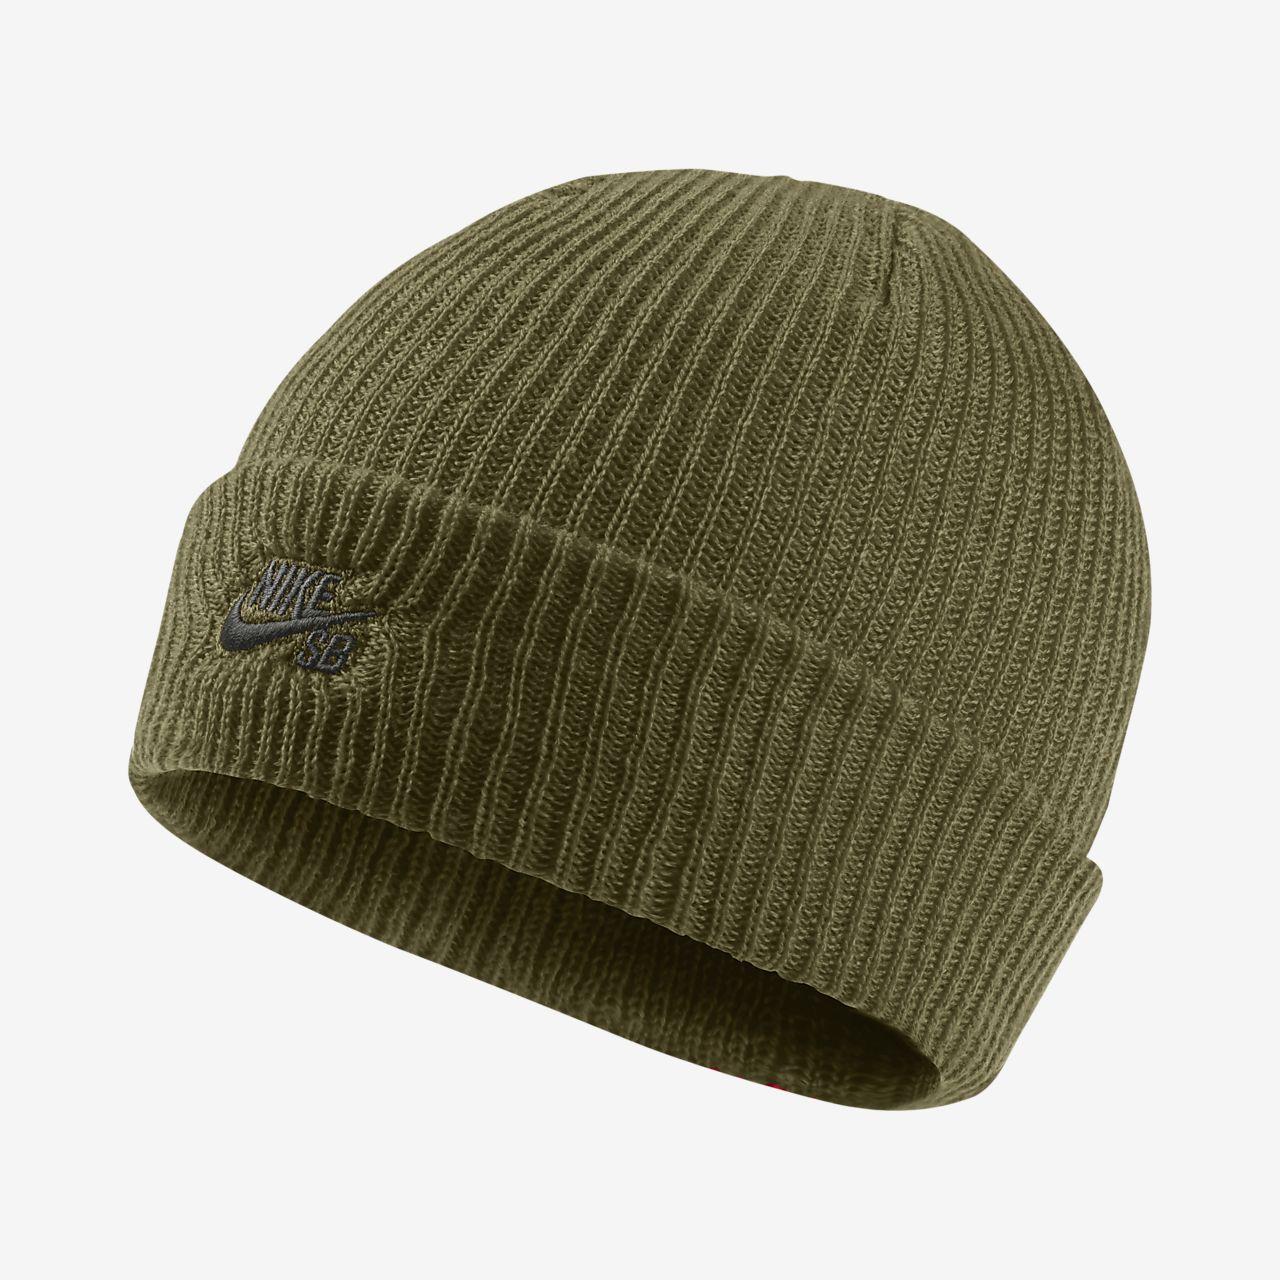 3d9970ec9aa9b Nike SB Fisherman Knit Hat. Nike.com IL